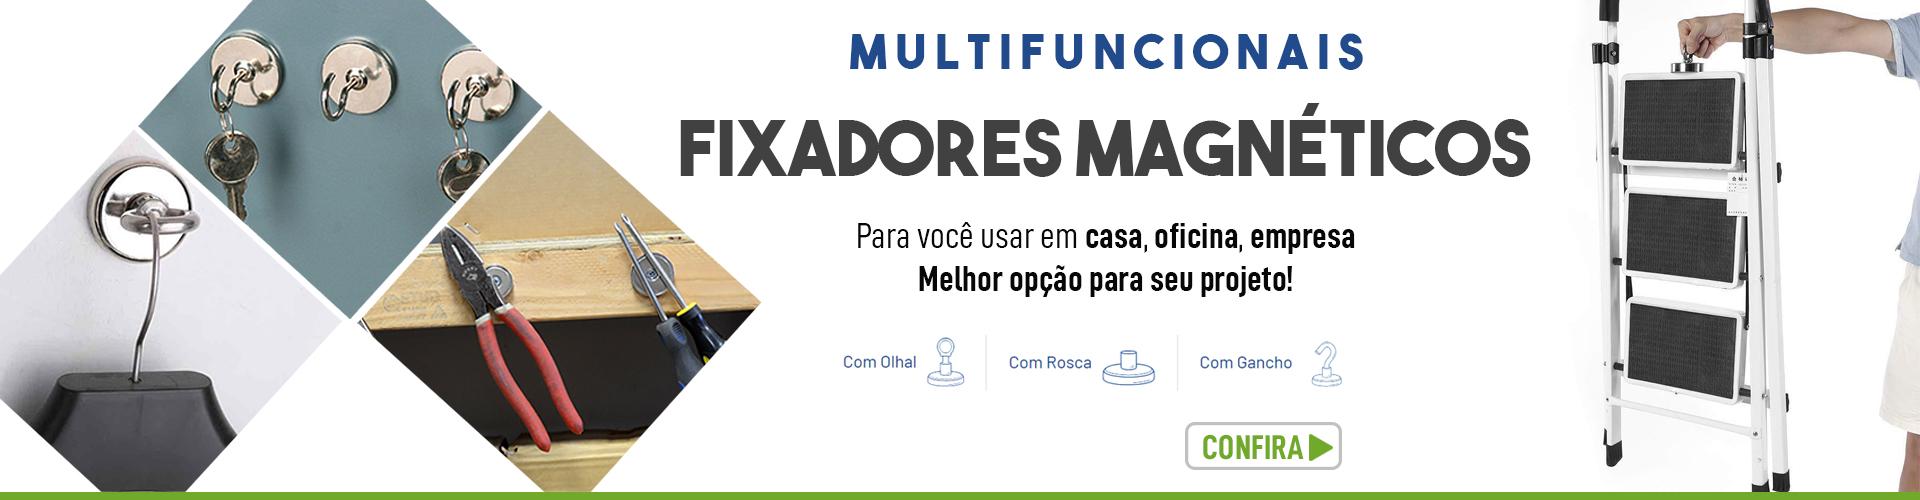 banner principal - Fixadores Magnéticos